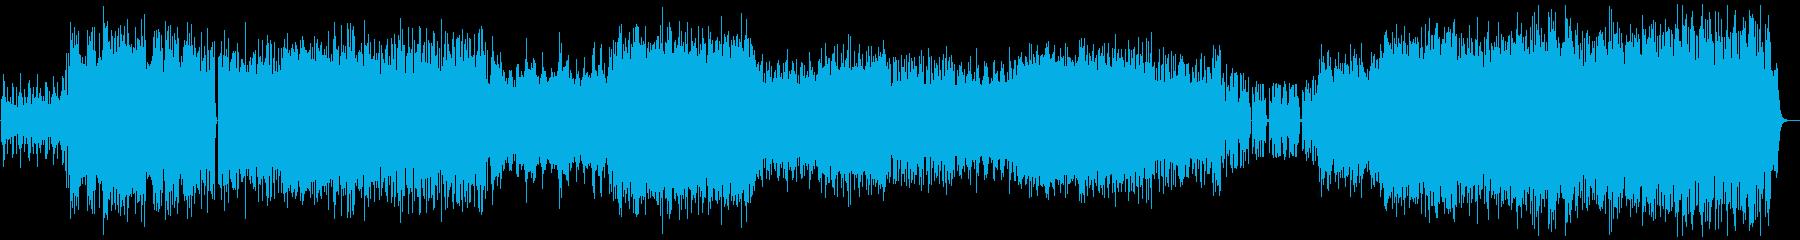 ジャジーなサックスと攻撃的なサウンドの再生済みの波形